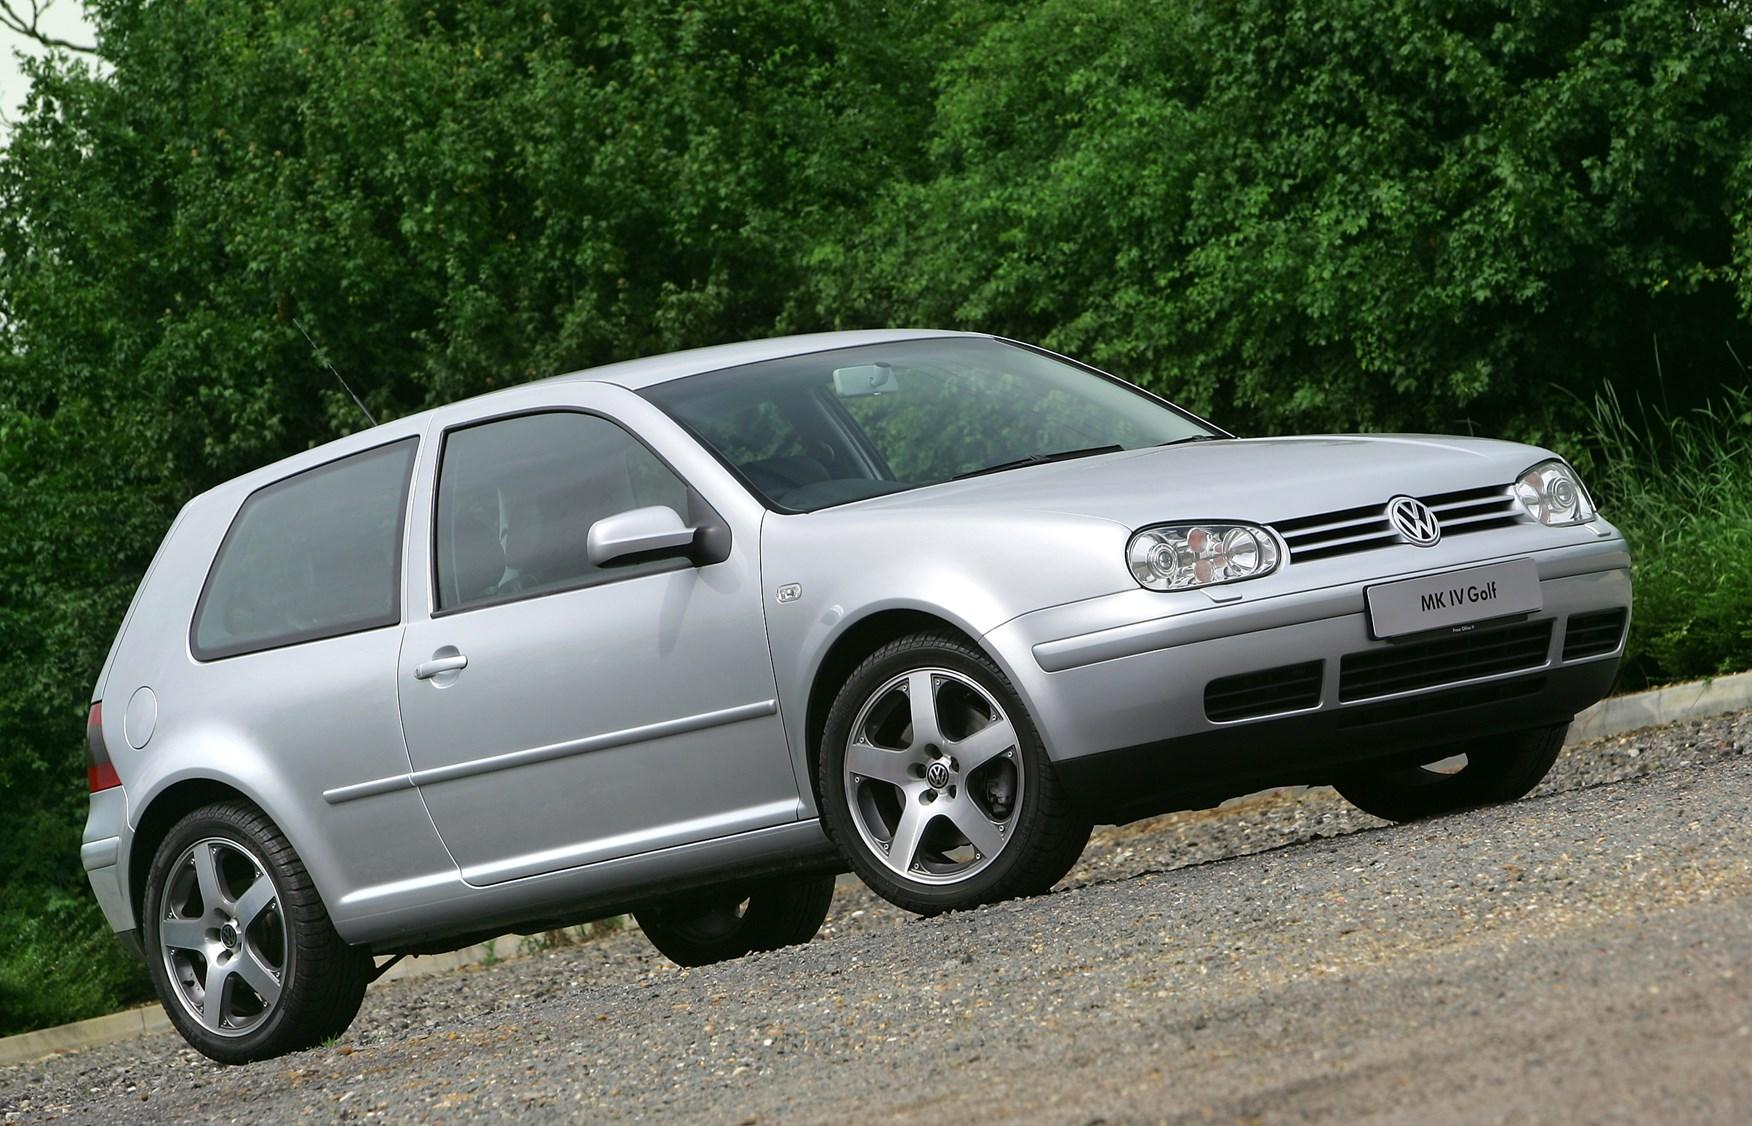 Used Volkswagen Golf Hatchback (1997 - 2004) MPG   Parkers